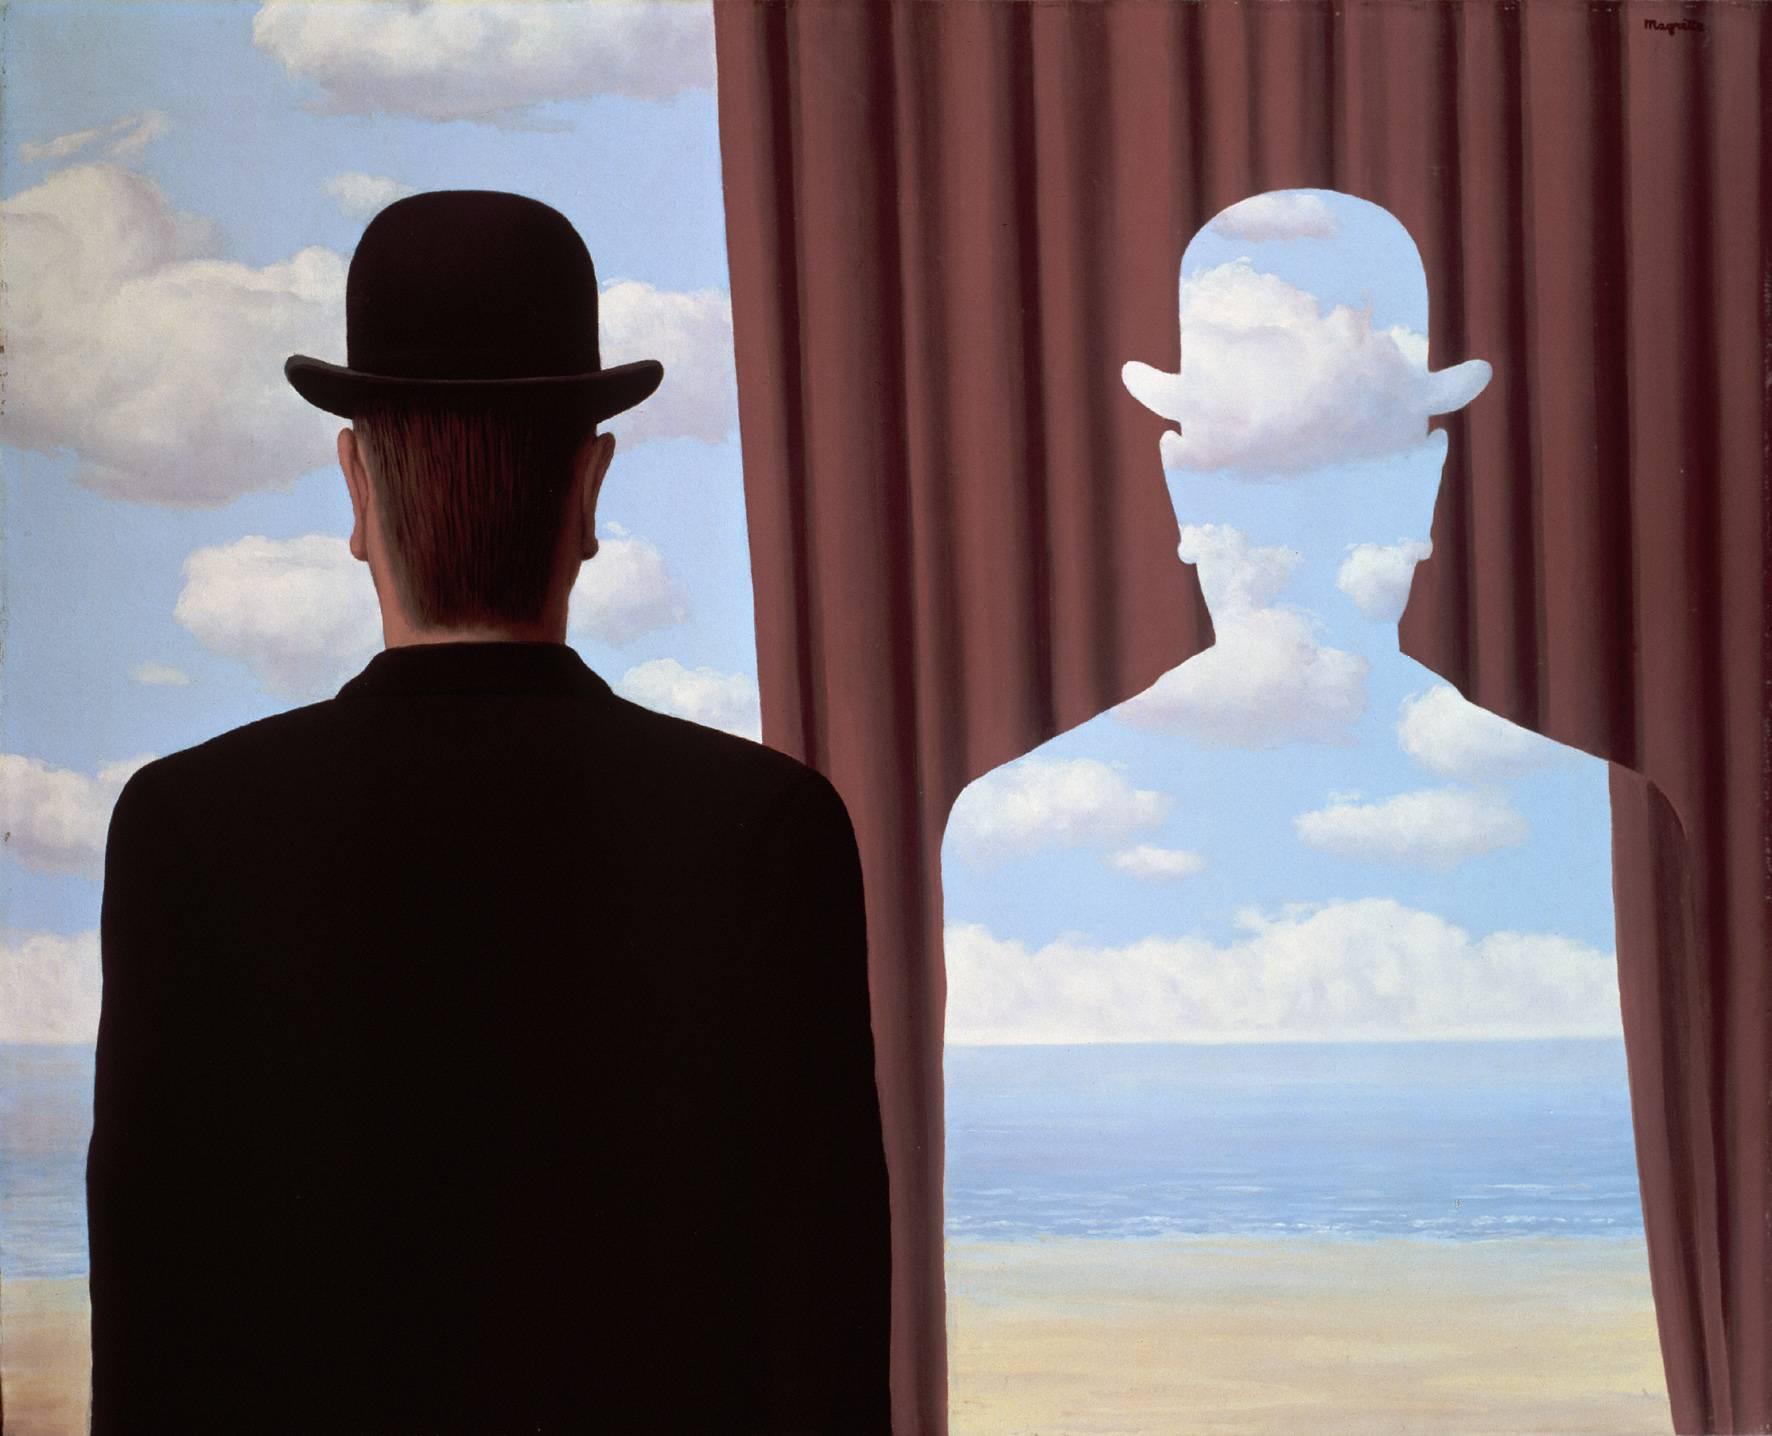 Ecco quali sono gli elementi che condizionano le nostre decisioni: euristiche, Maslow, dilemma del prigioniero